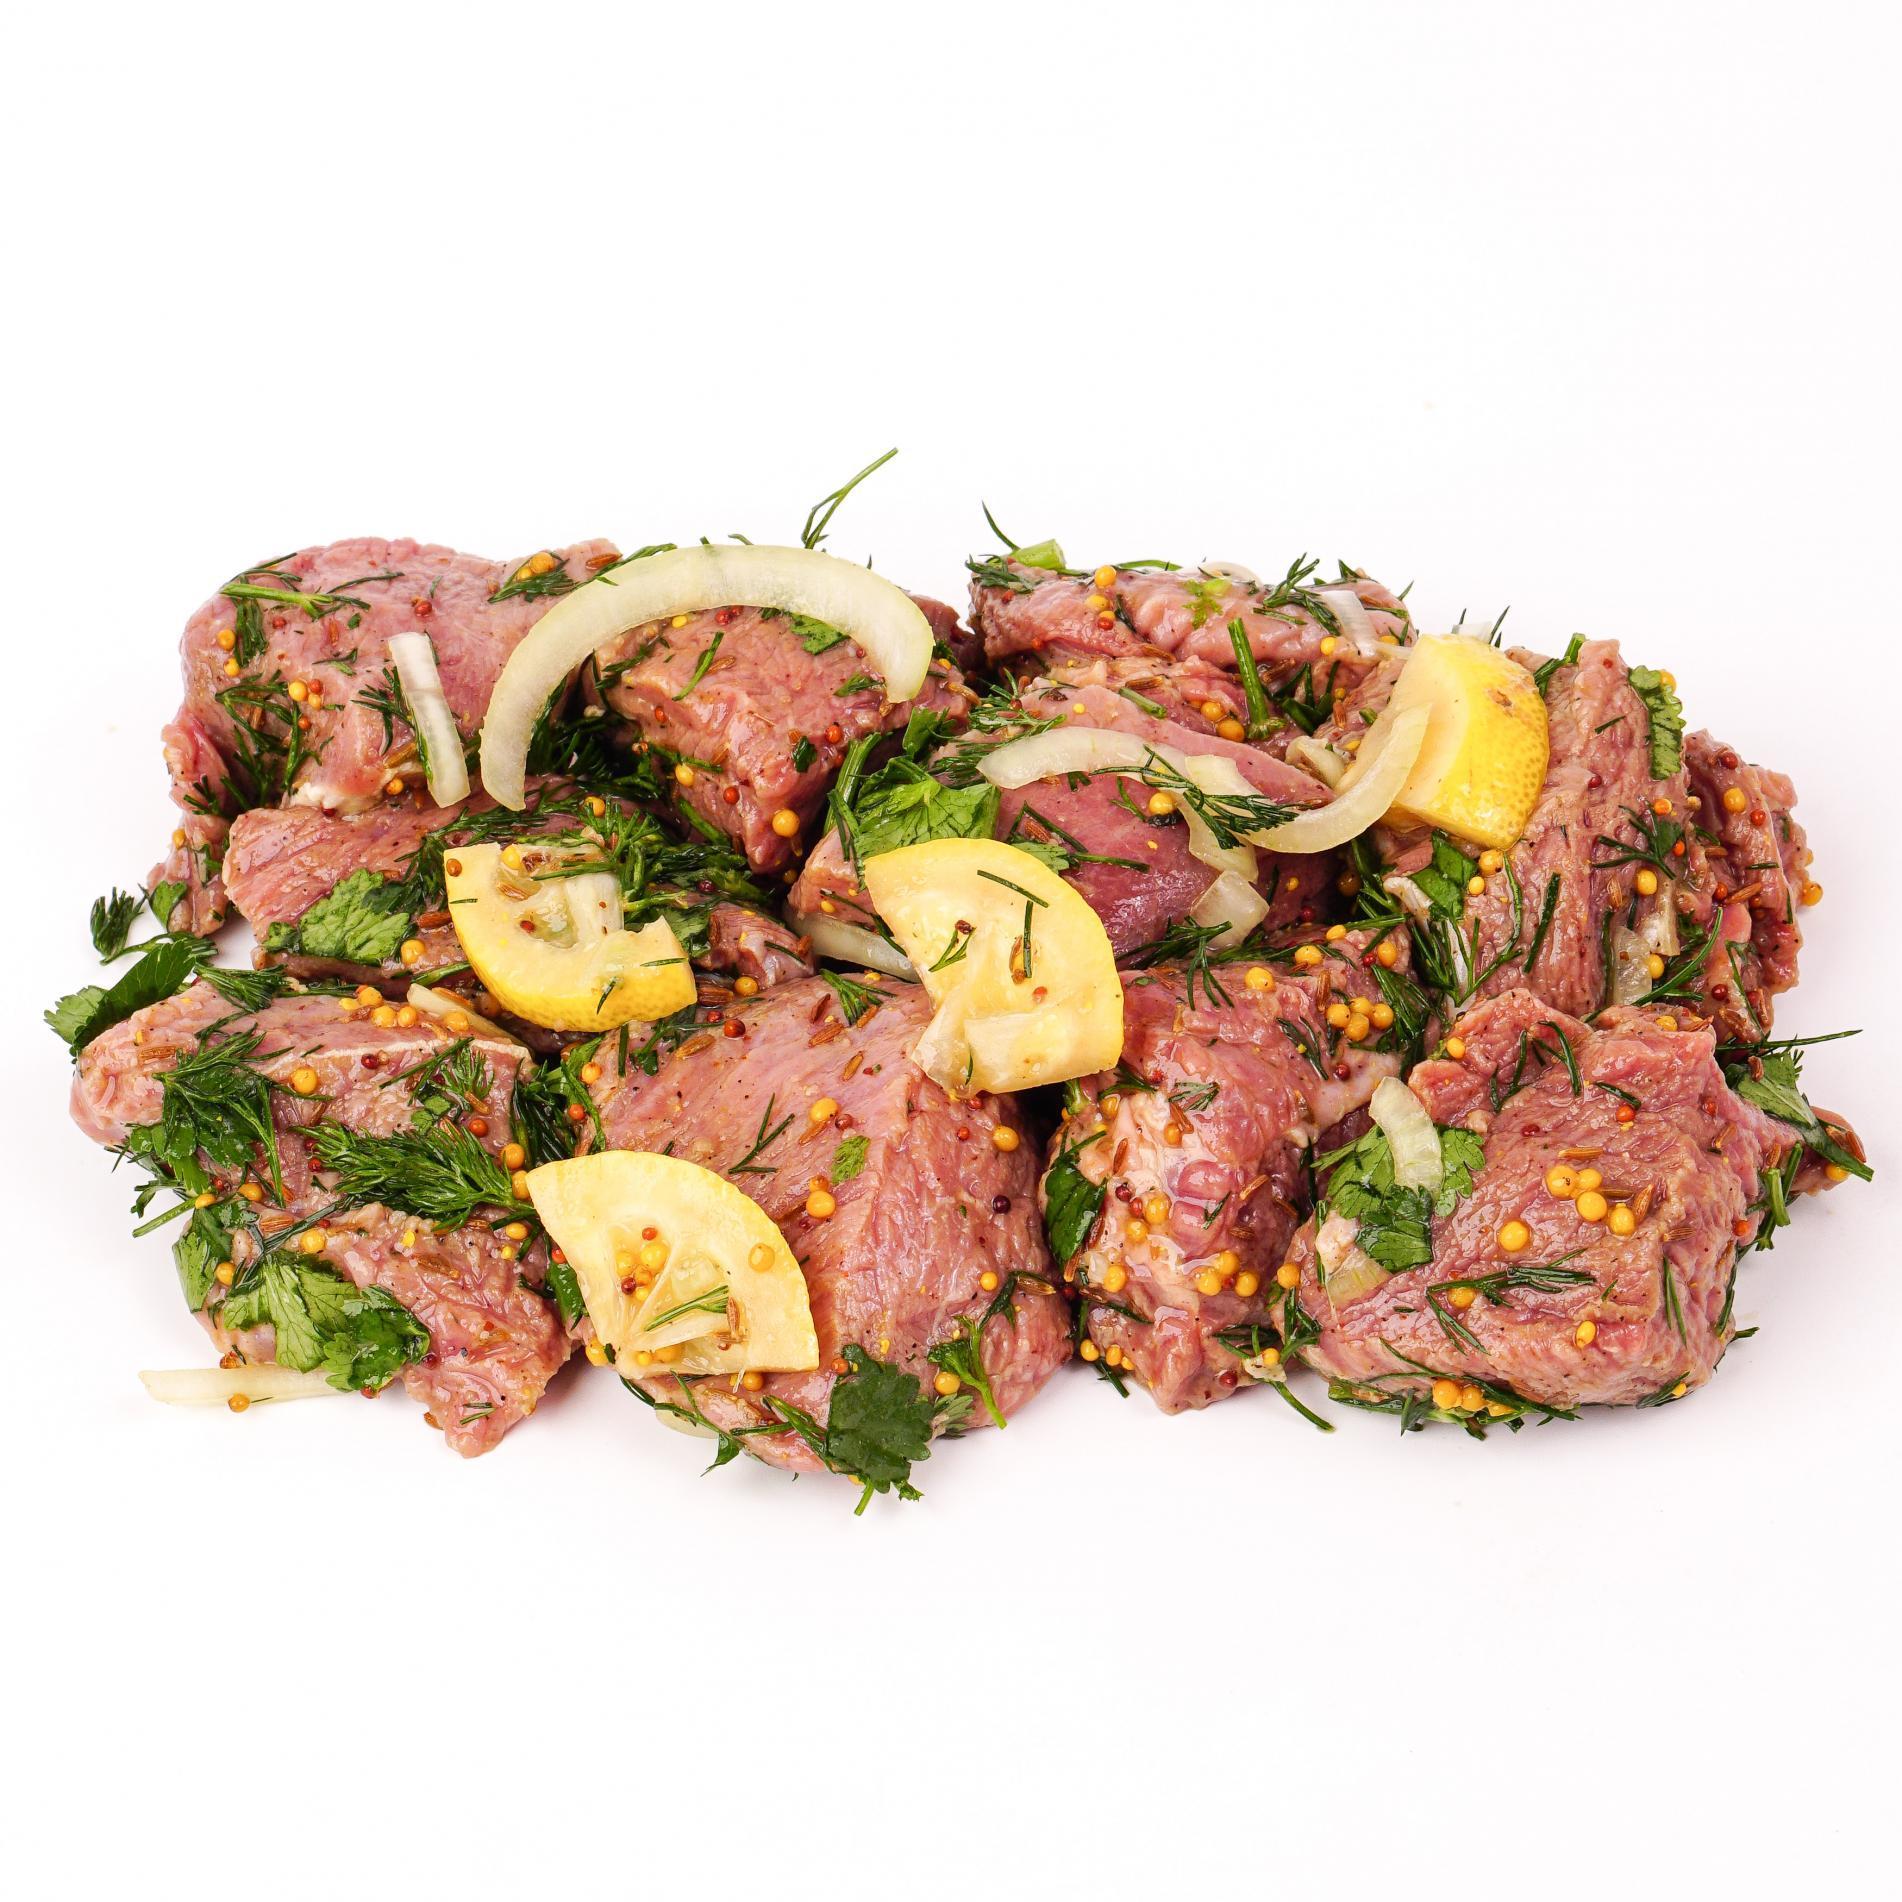 Шашлык из говядины в горчичном маринаде, Ecomarket.ru ~ 600 г (0.6 кг)